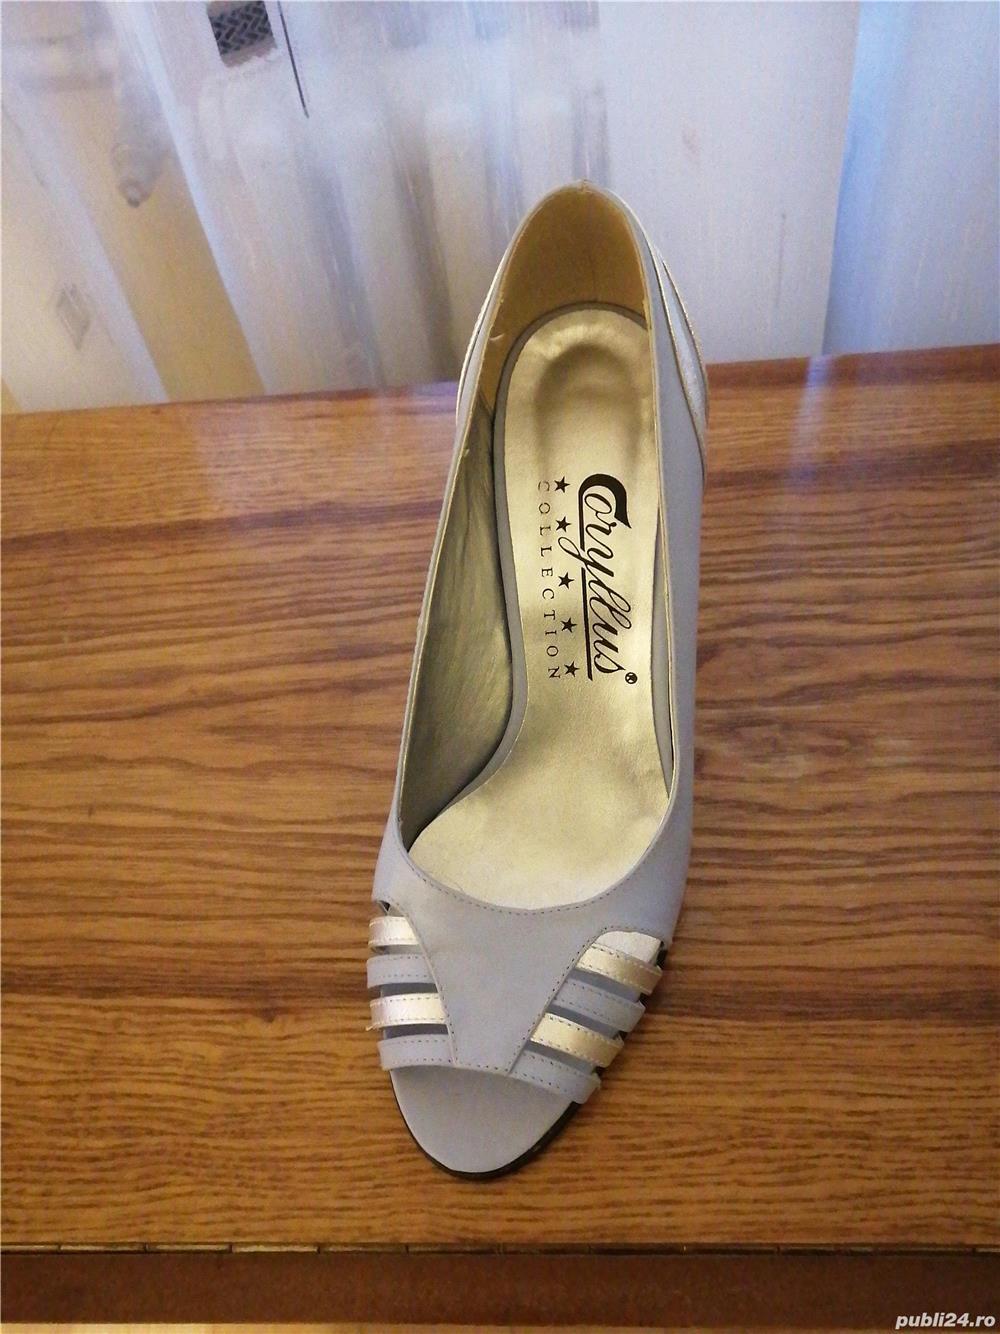 Vind, pantofi nr. 39 gri cu argintiu din piele, decupați la virf, toc 7cm